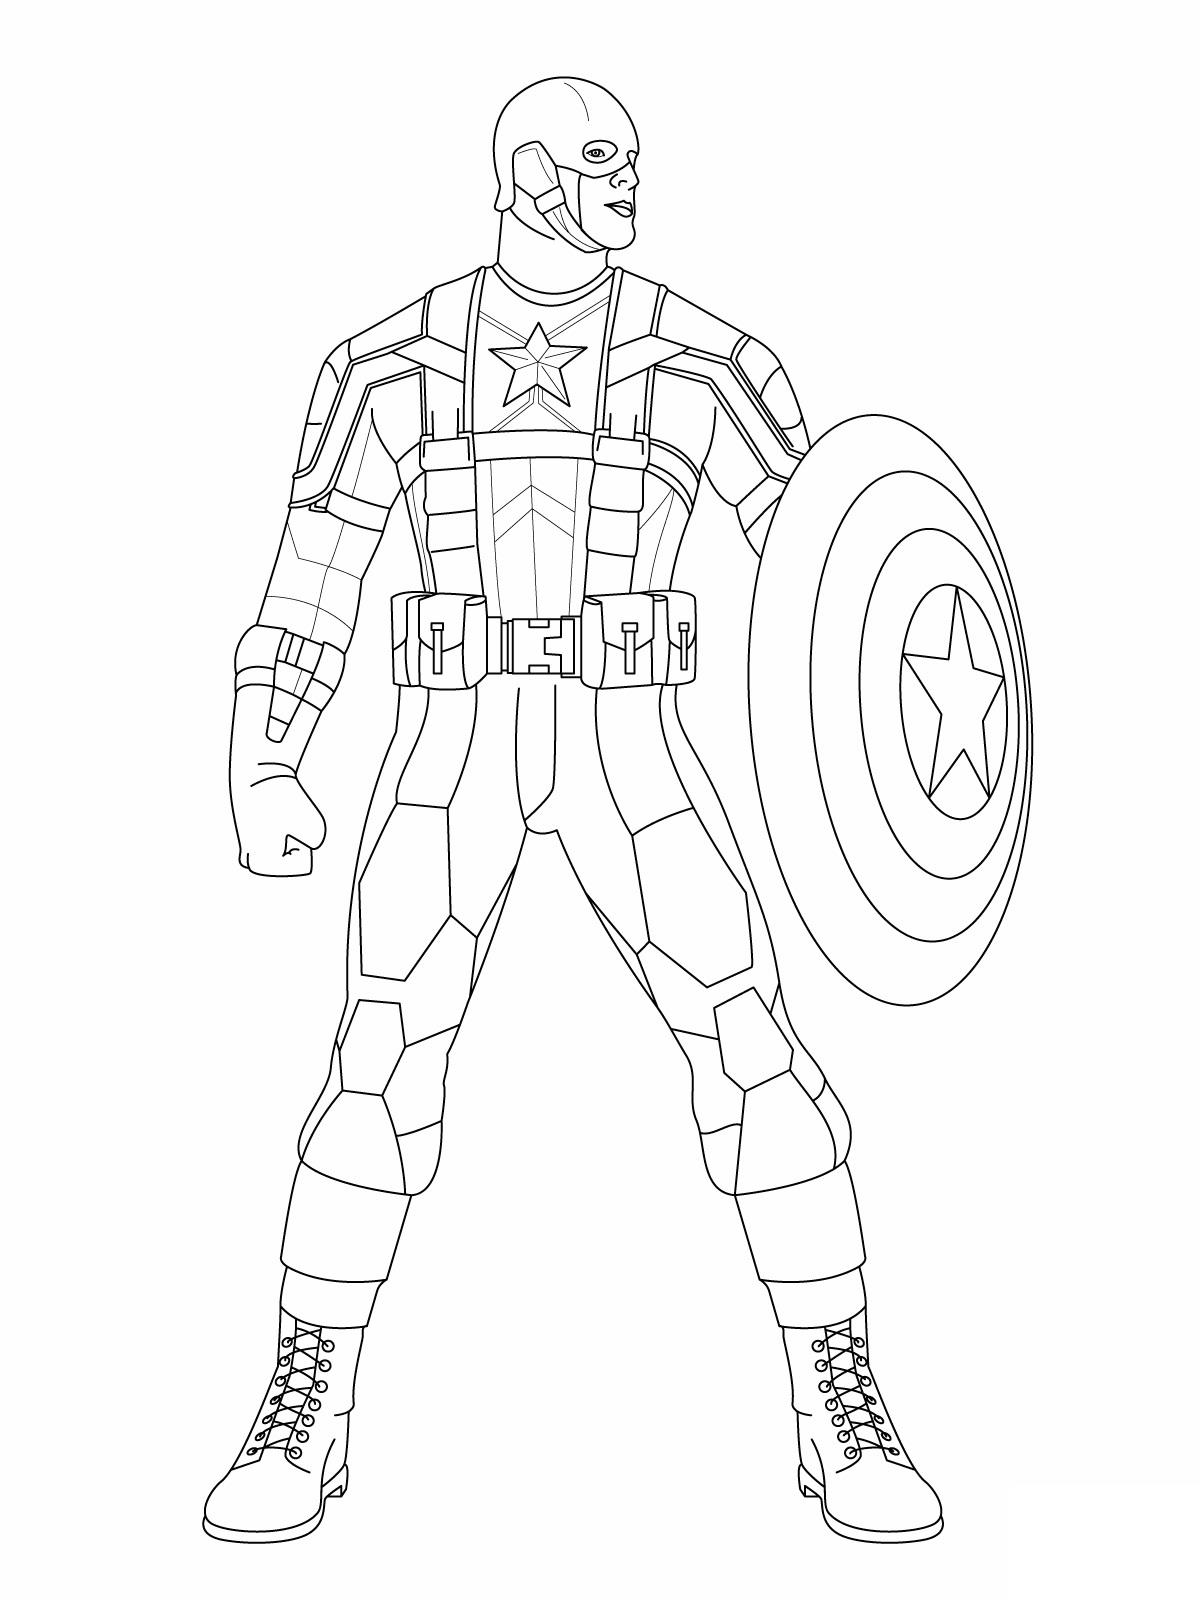 gratuit à imprimer captain america dessins à colorier hm dessins à colorier